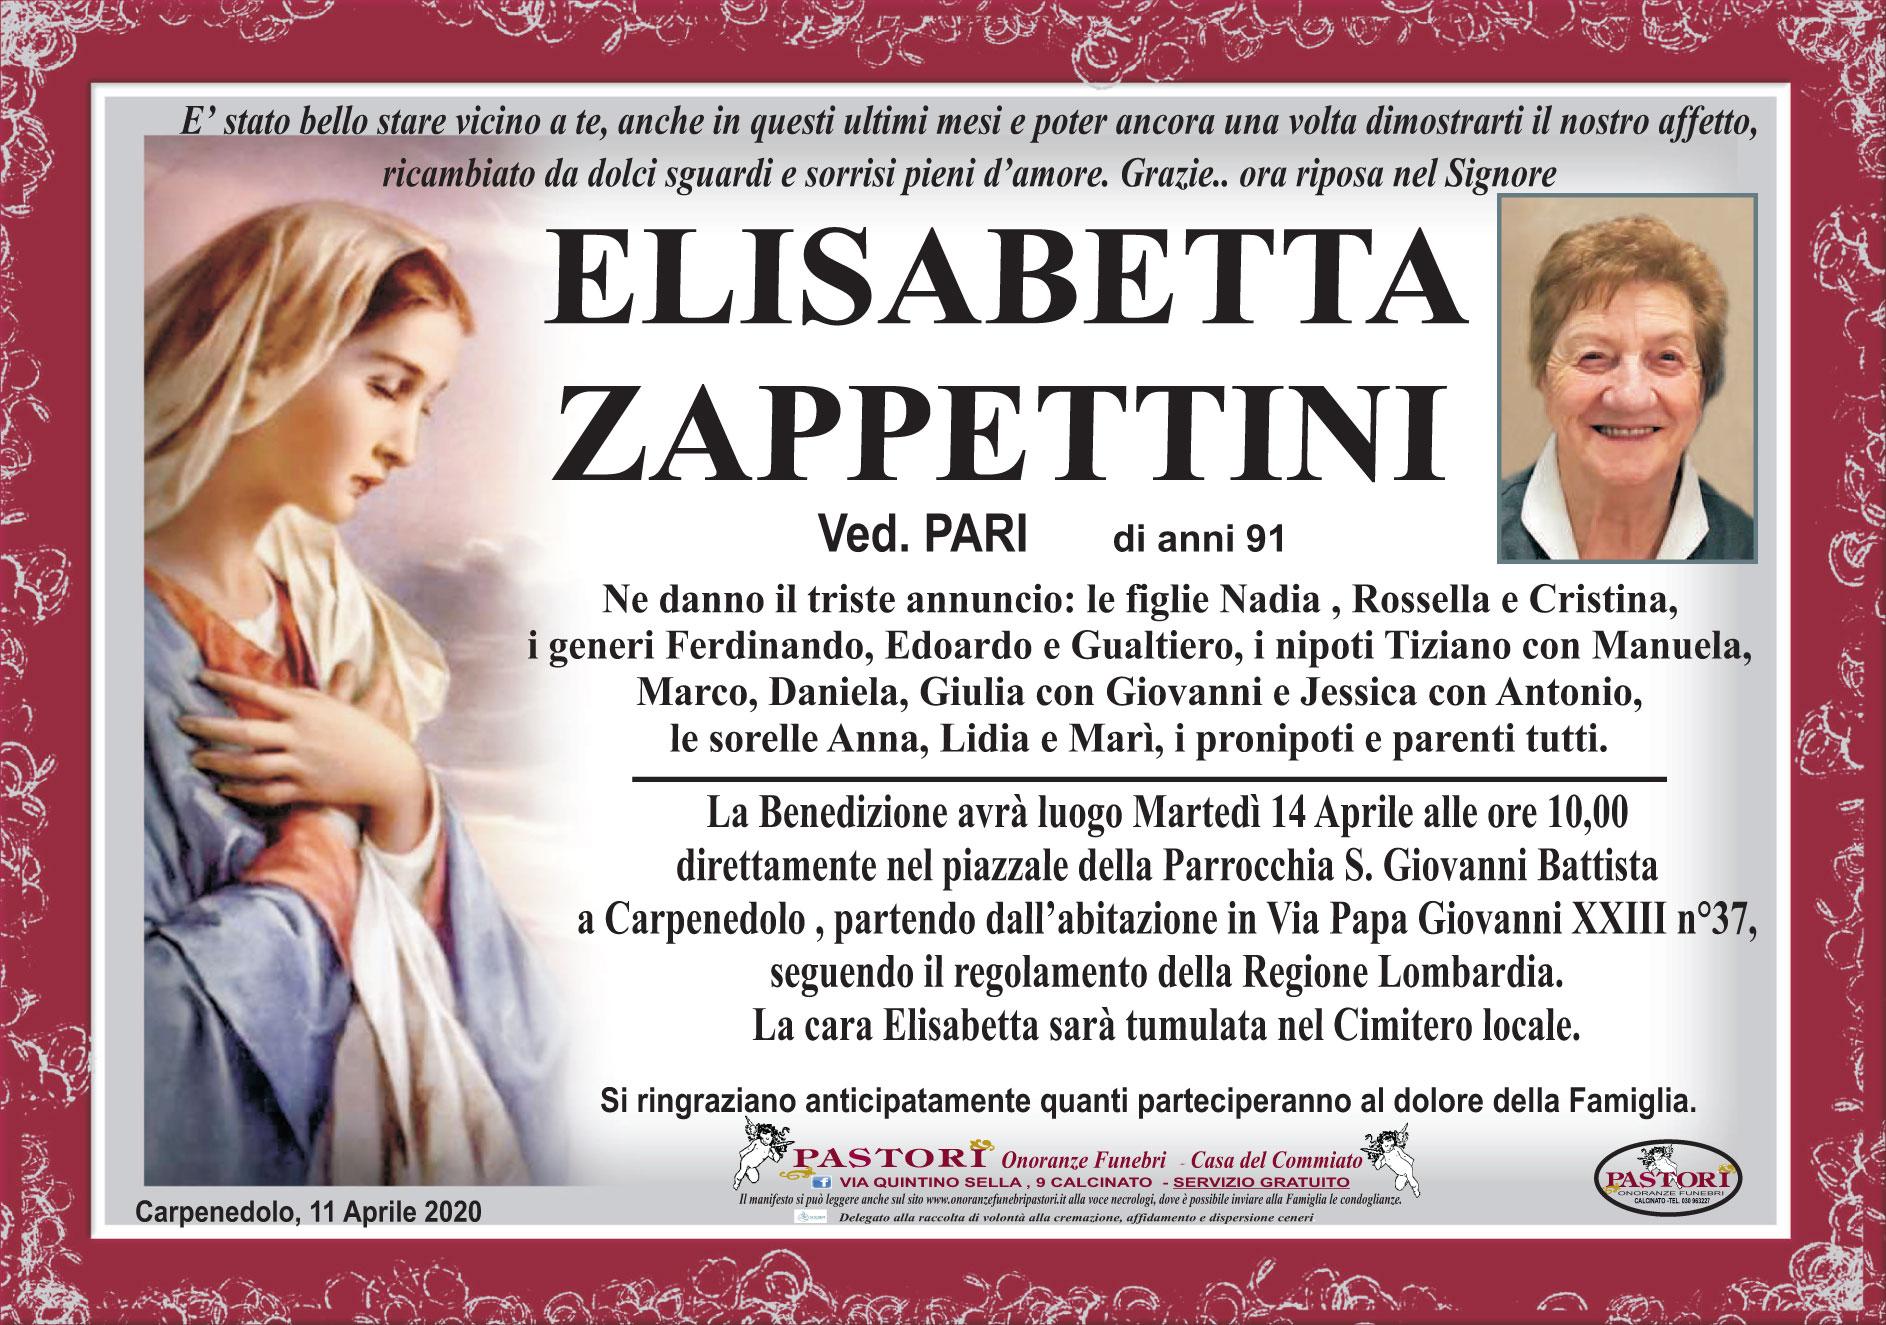 Elisabetta Zappettini